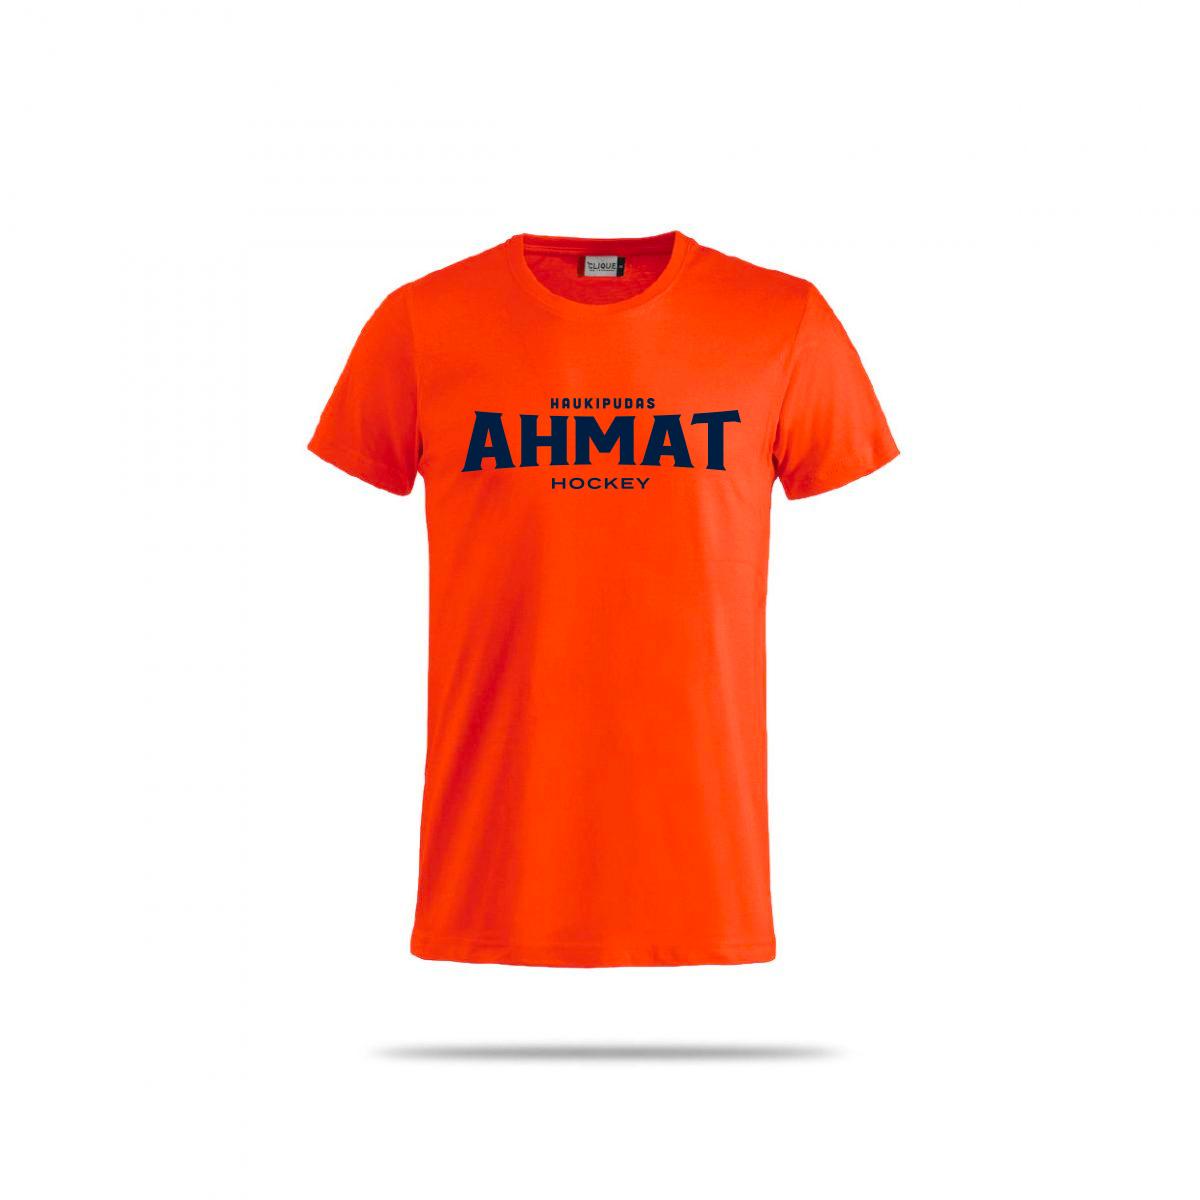 Ahmat-fani-3020-oranssi-text